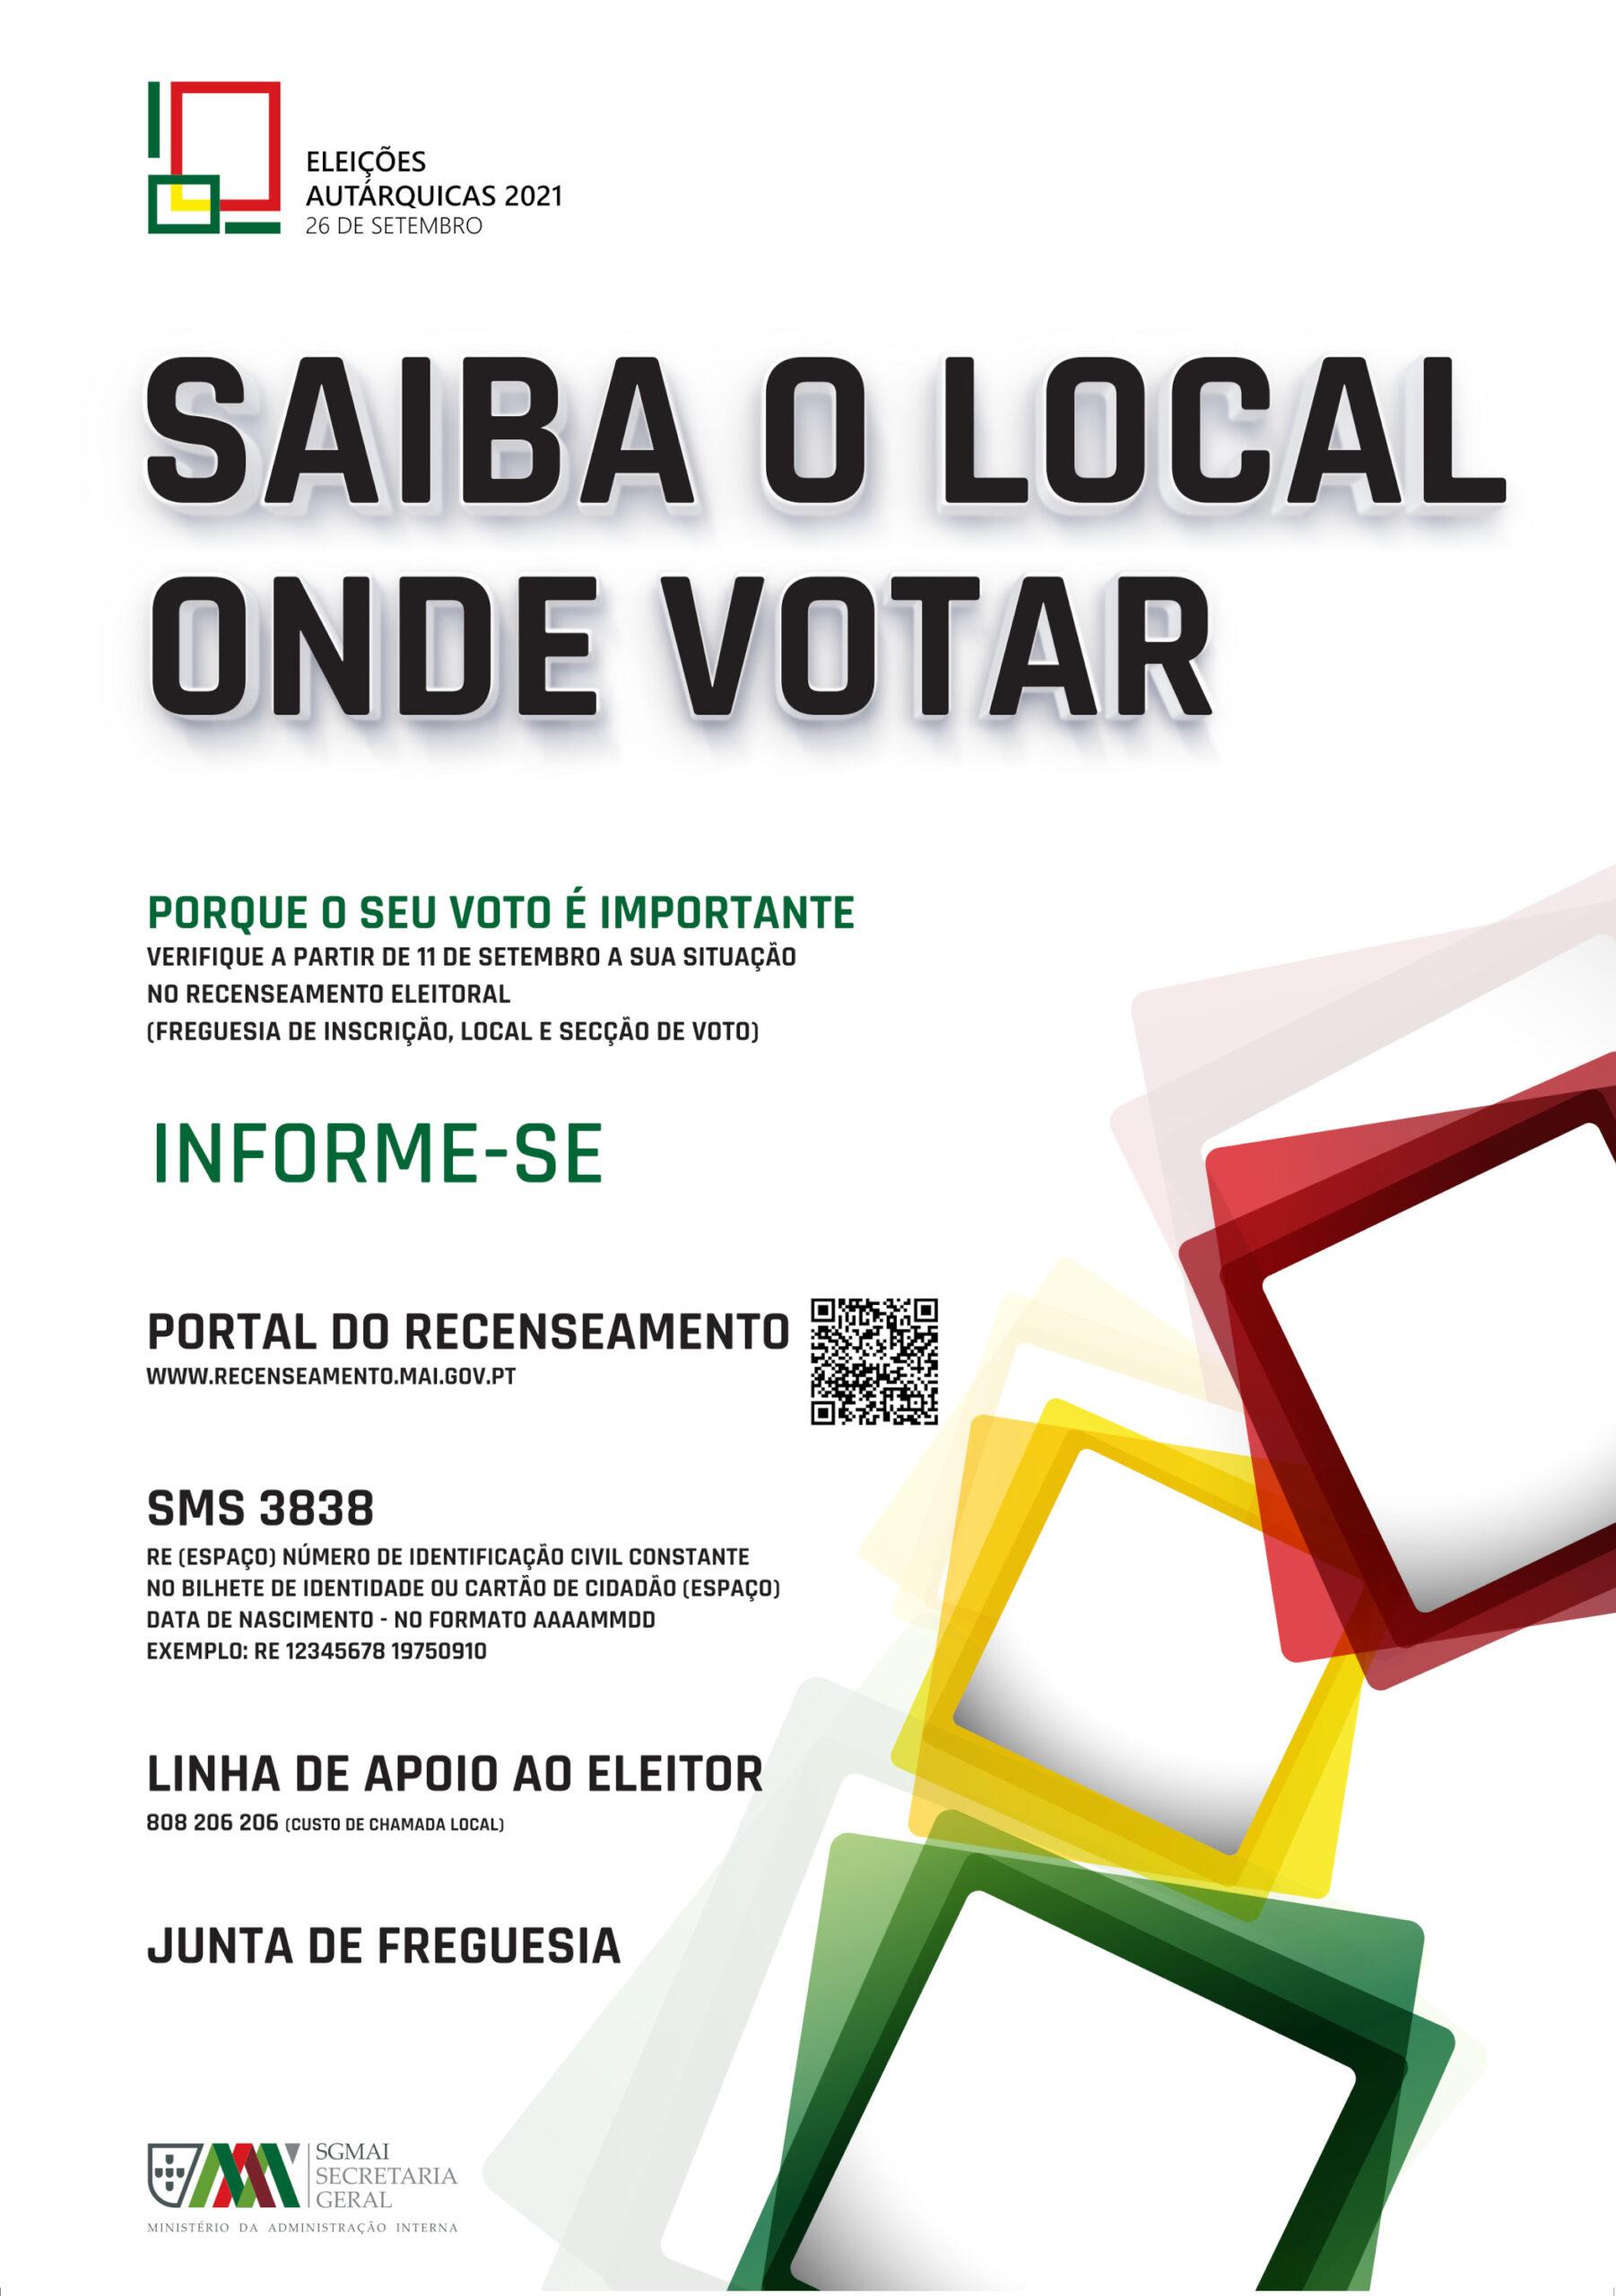 Eleições Autárquicas 2021 | Saiba Onde Votar